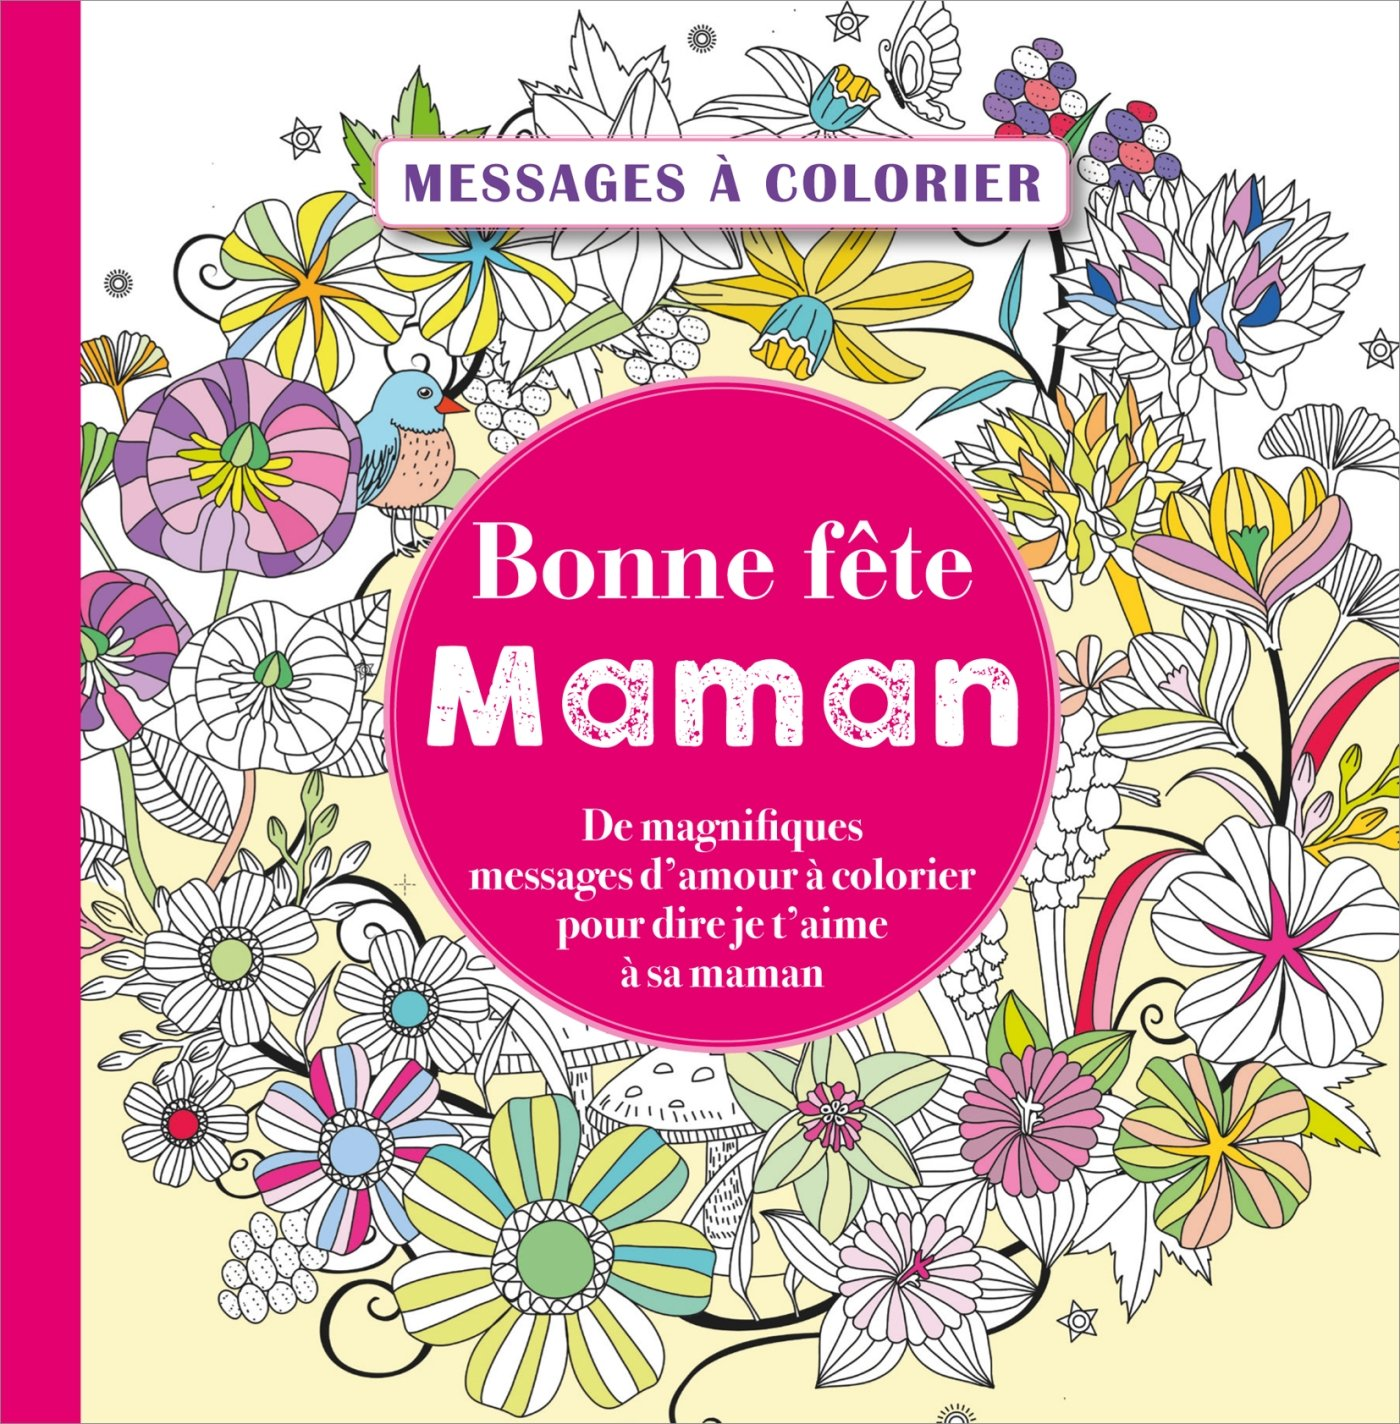 Messages à Colorier Bonne Fête Maman 9782351557570 Amazoncom Books